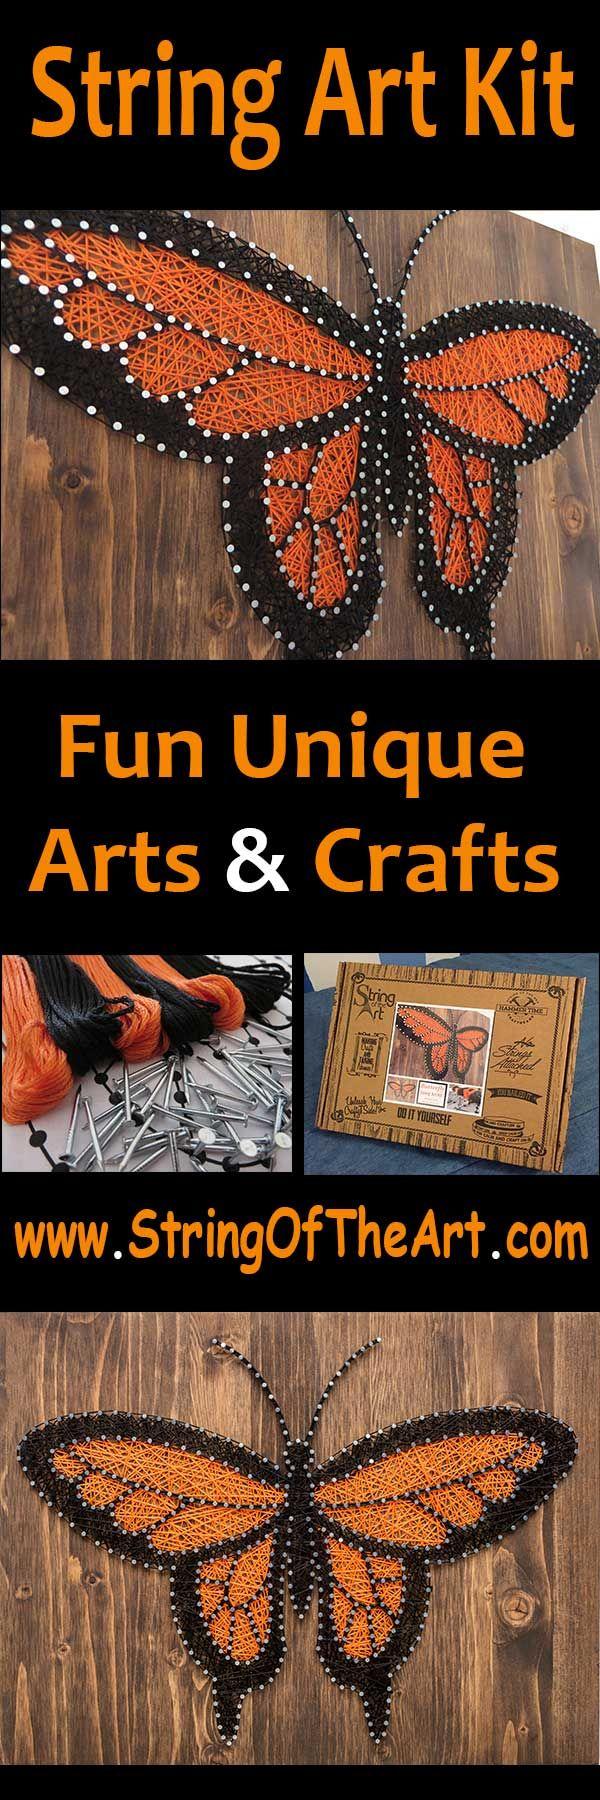 String art craft kit - Diy String Art Crafts Kit Butterfly String Art Monarch Butterfly String Art This